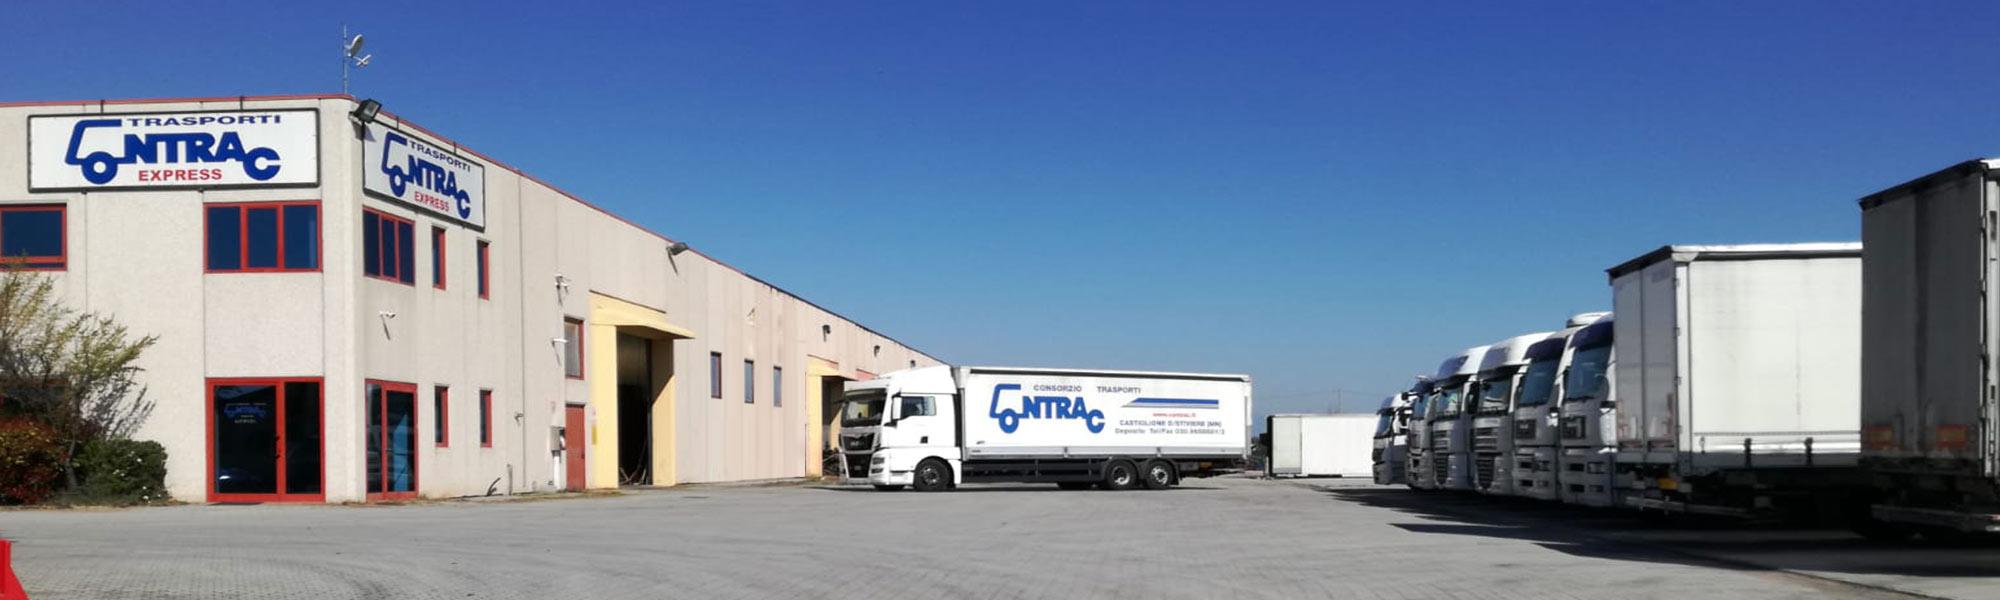 Logistica Brescia e Mantova | Magazzino distribuzione merci